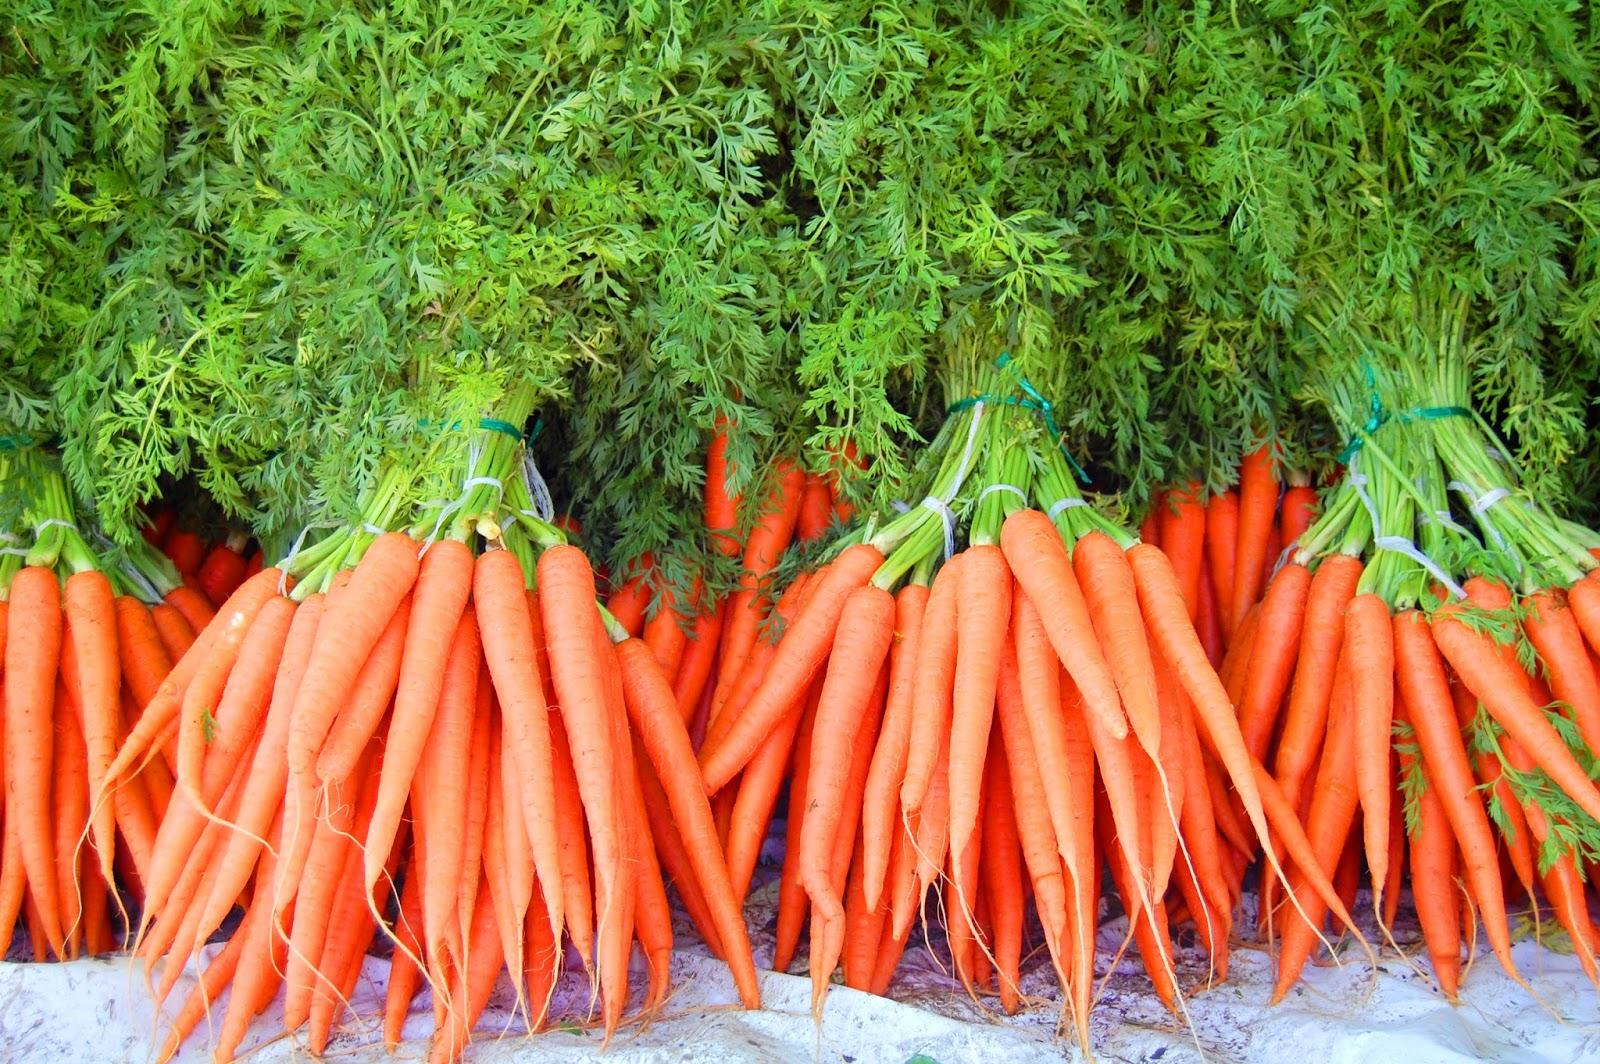 Выращивание моркови как бизнес: организация и план - бизнес идеи 95